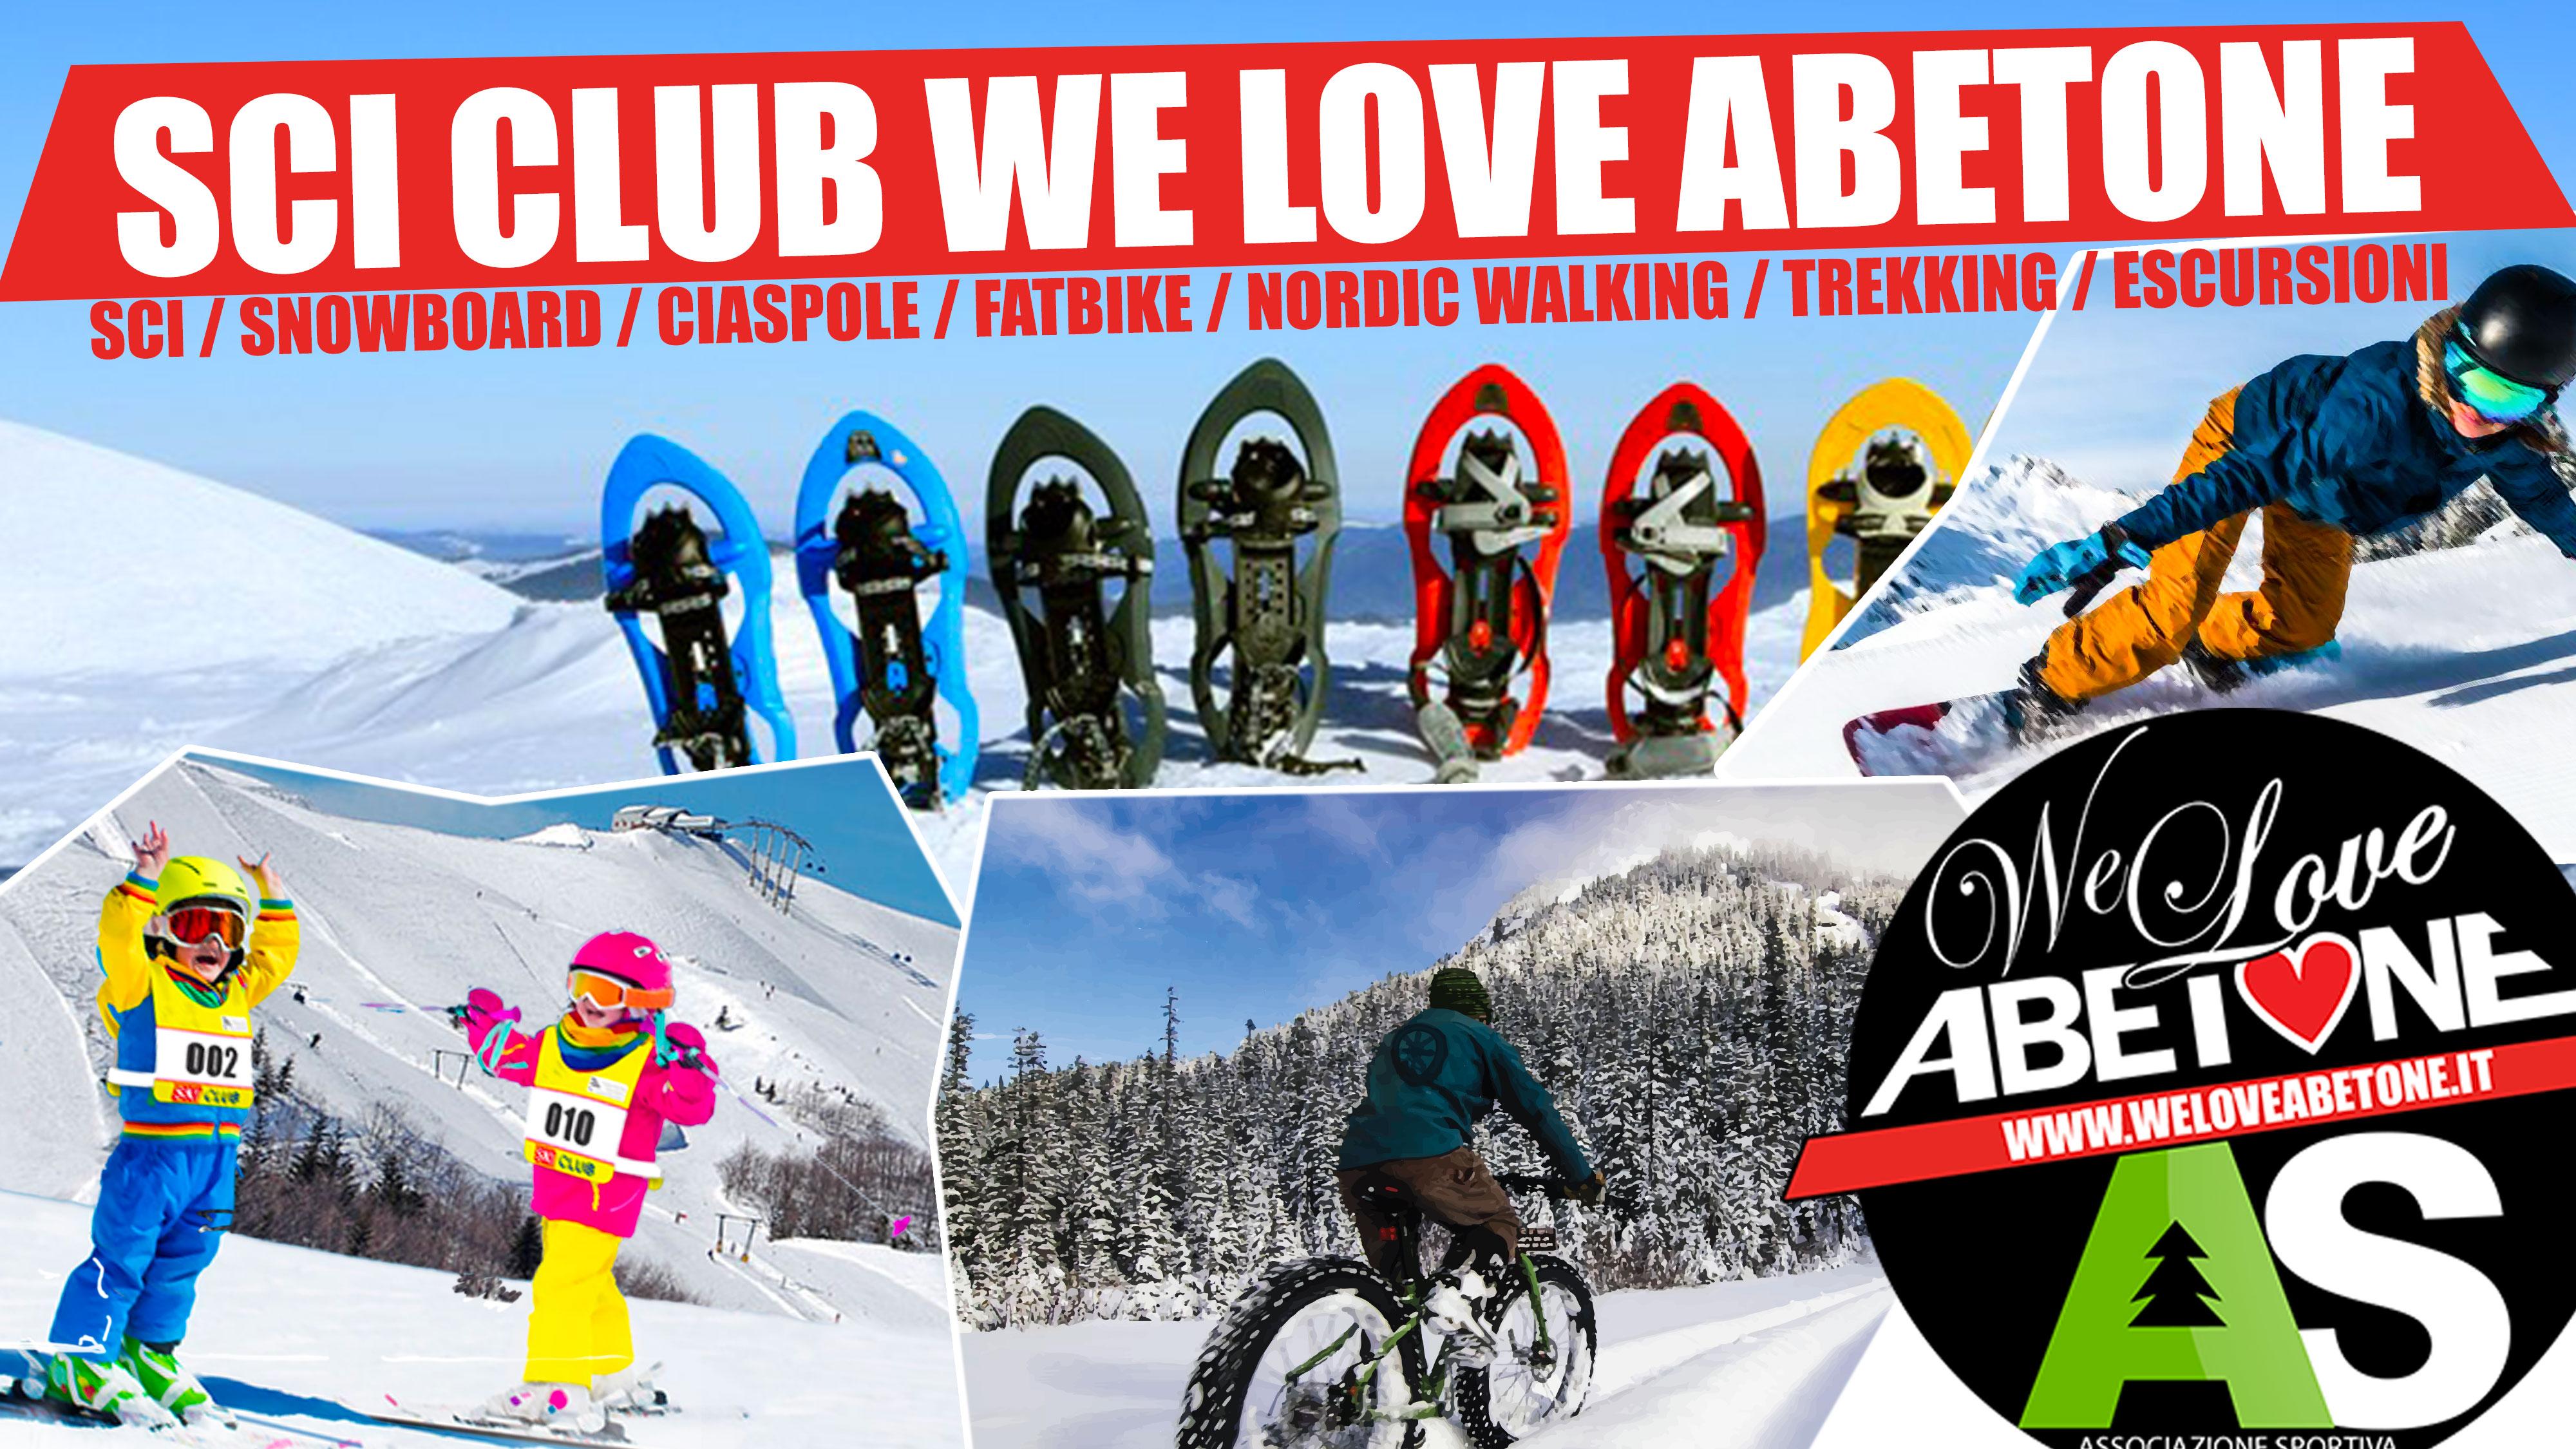 sci club abetone sciare